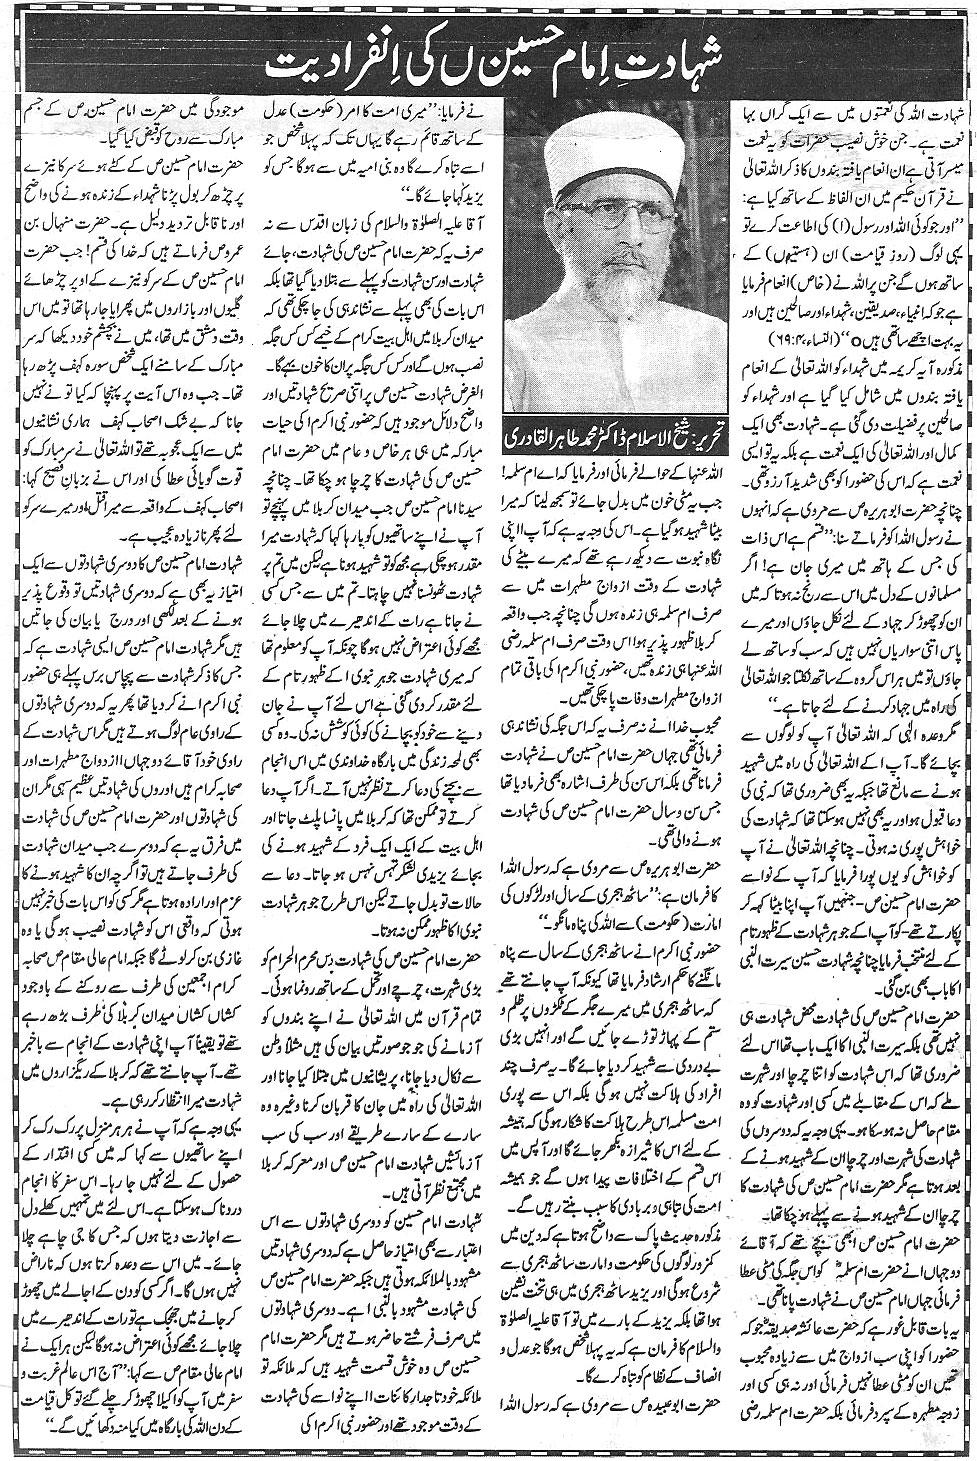 تحریک منہاج القرآن Minhaj-ul-Quran  Print Media Coverage پرنٹ میڈیا کوریج Daily Mujeer